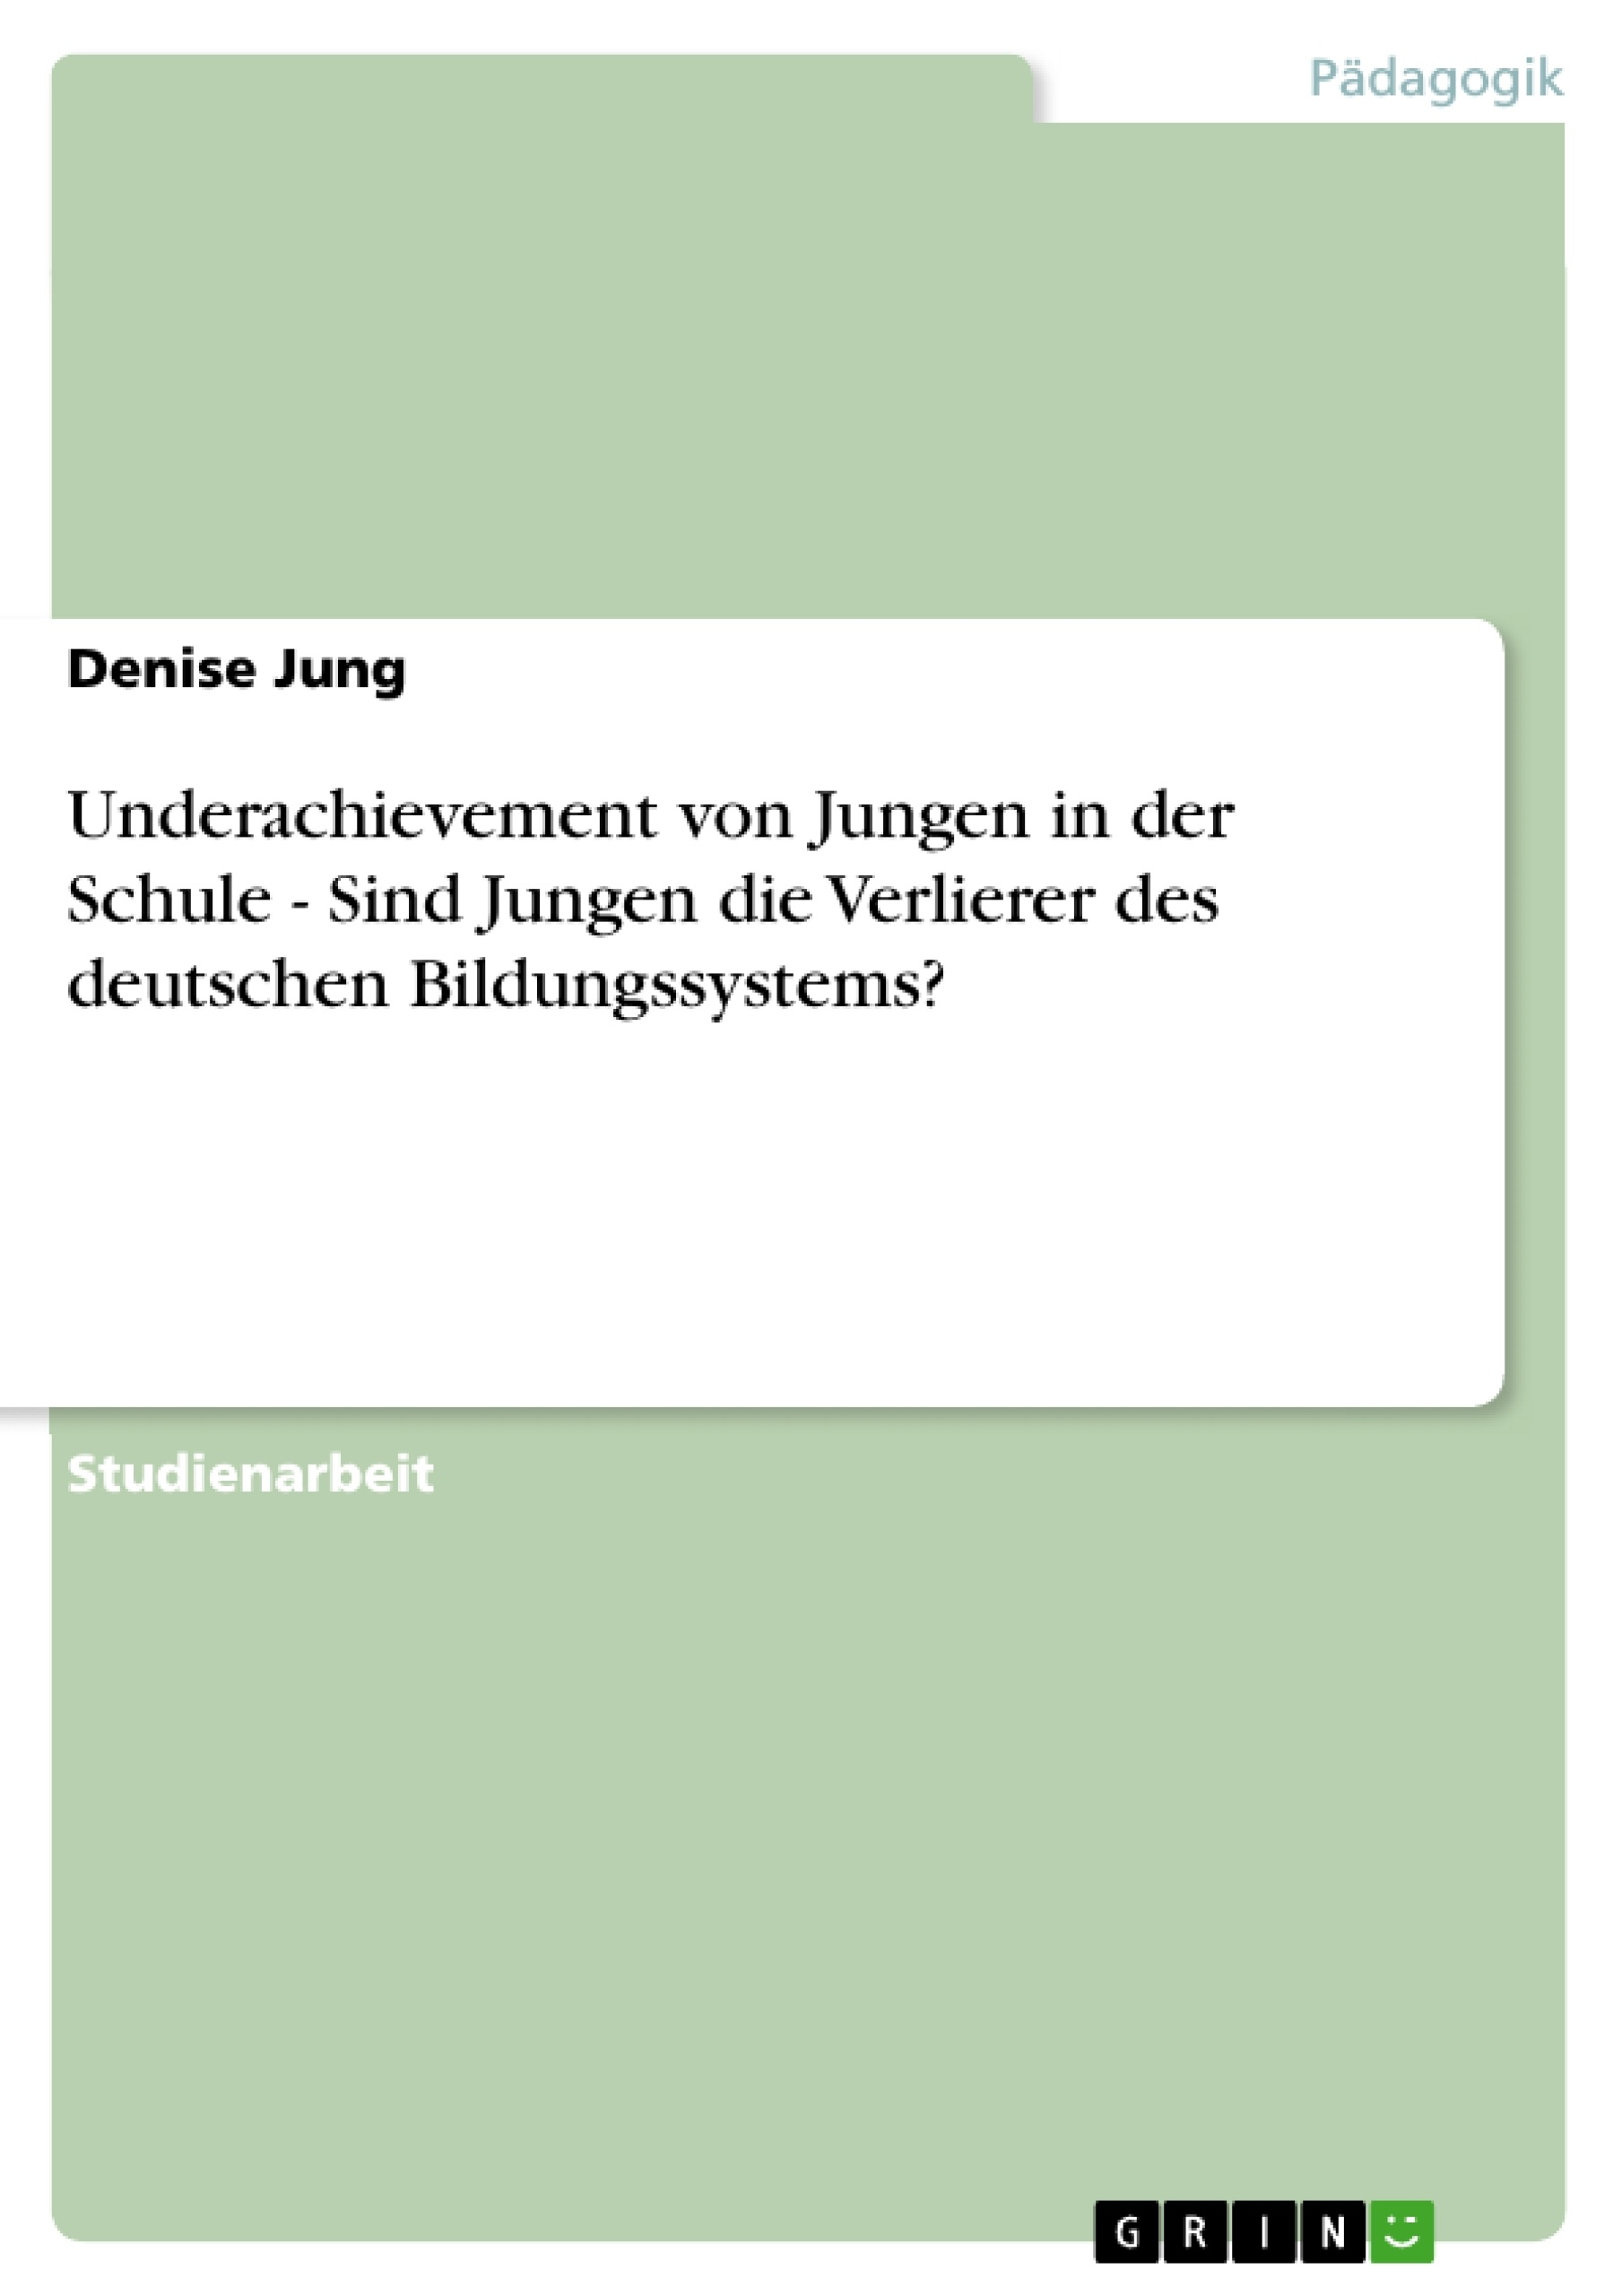 Titel: Underachievement von Jungen in der Schule - Sind Jungen die Verlierer des deutschen Bildungssystems?